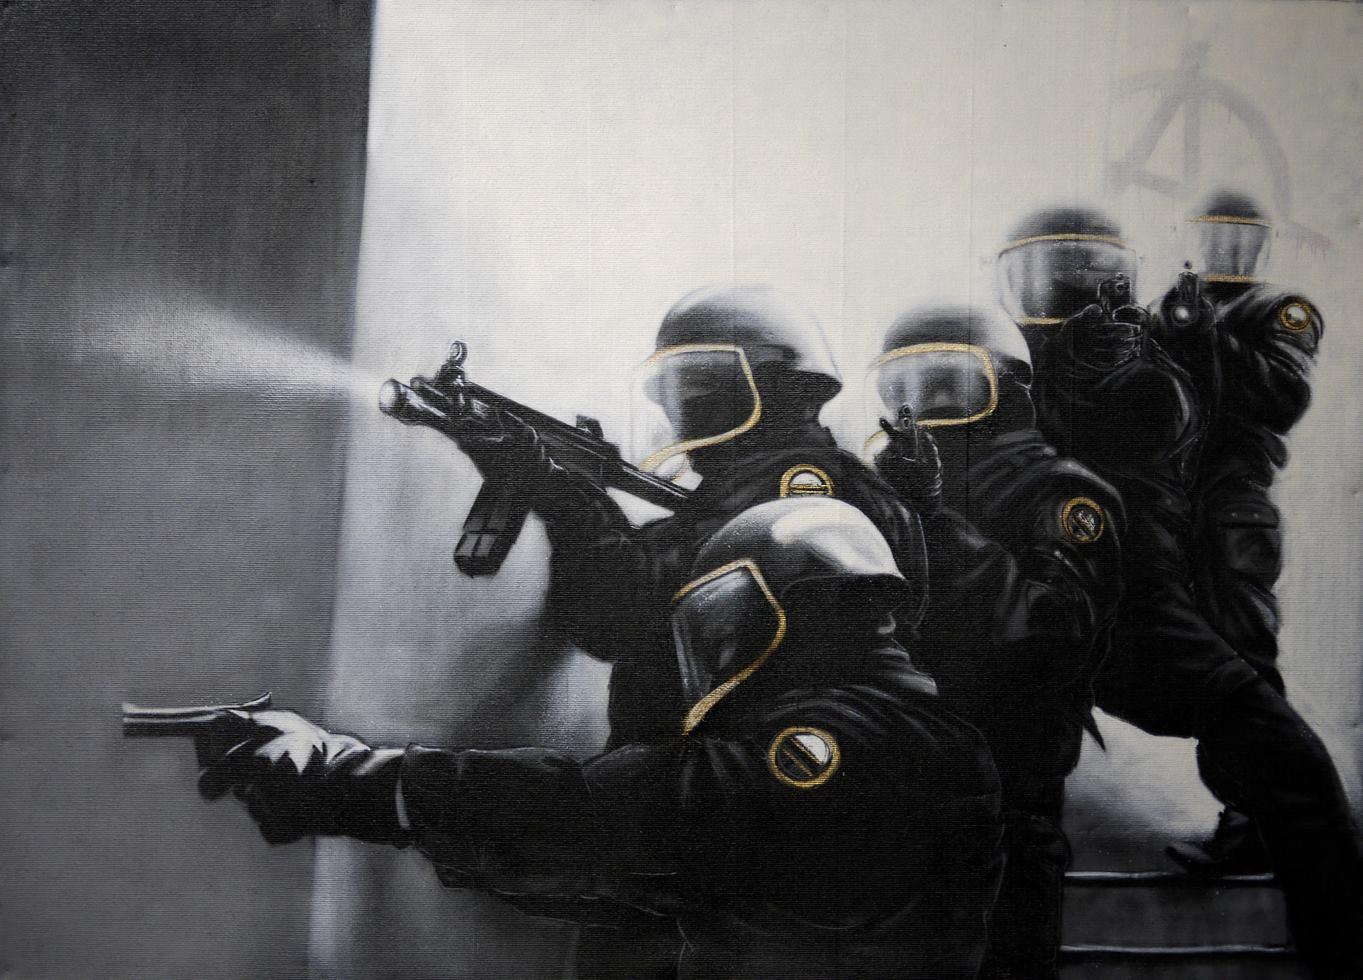 Letalidade policial: alguns pontos de partida para sua compreensão